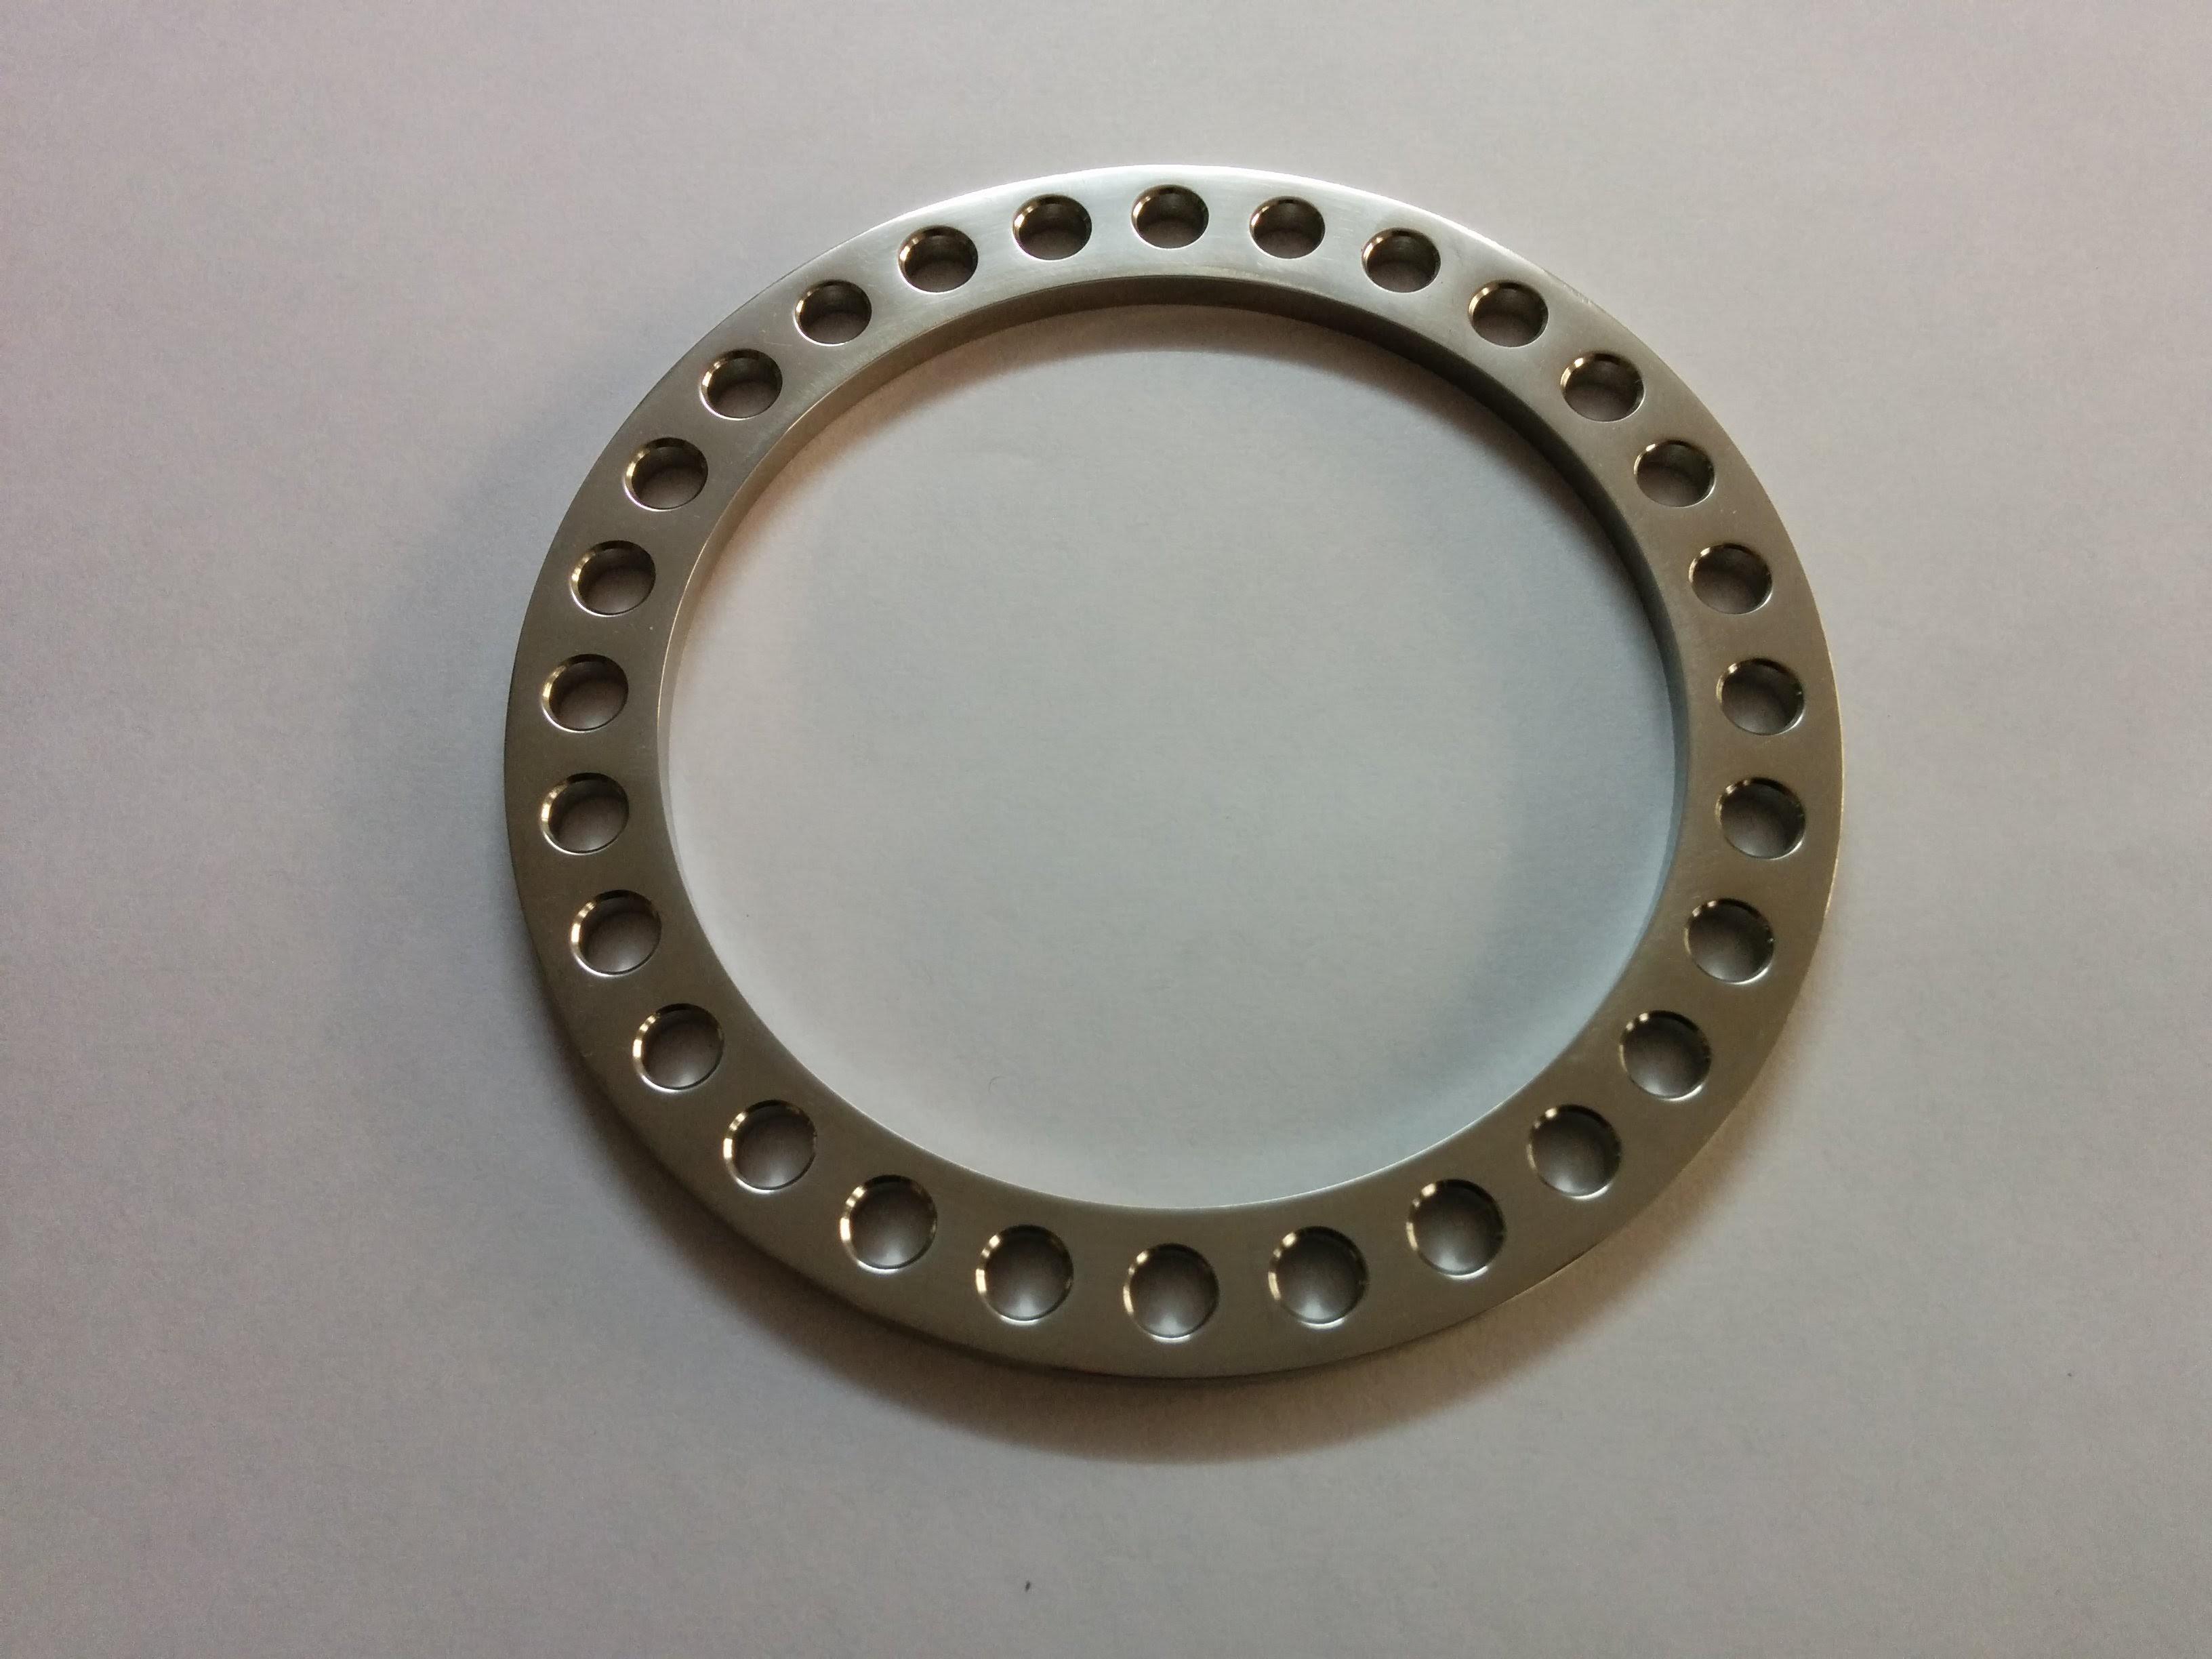 Full Ring Stainless Steel External Fixator